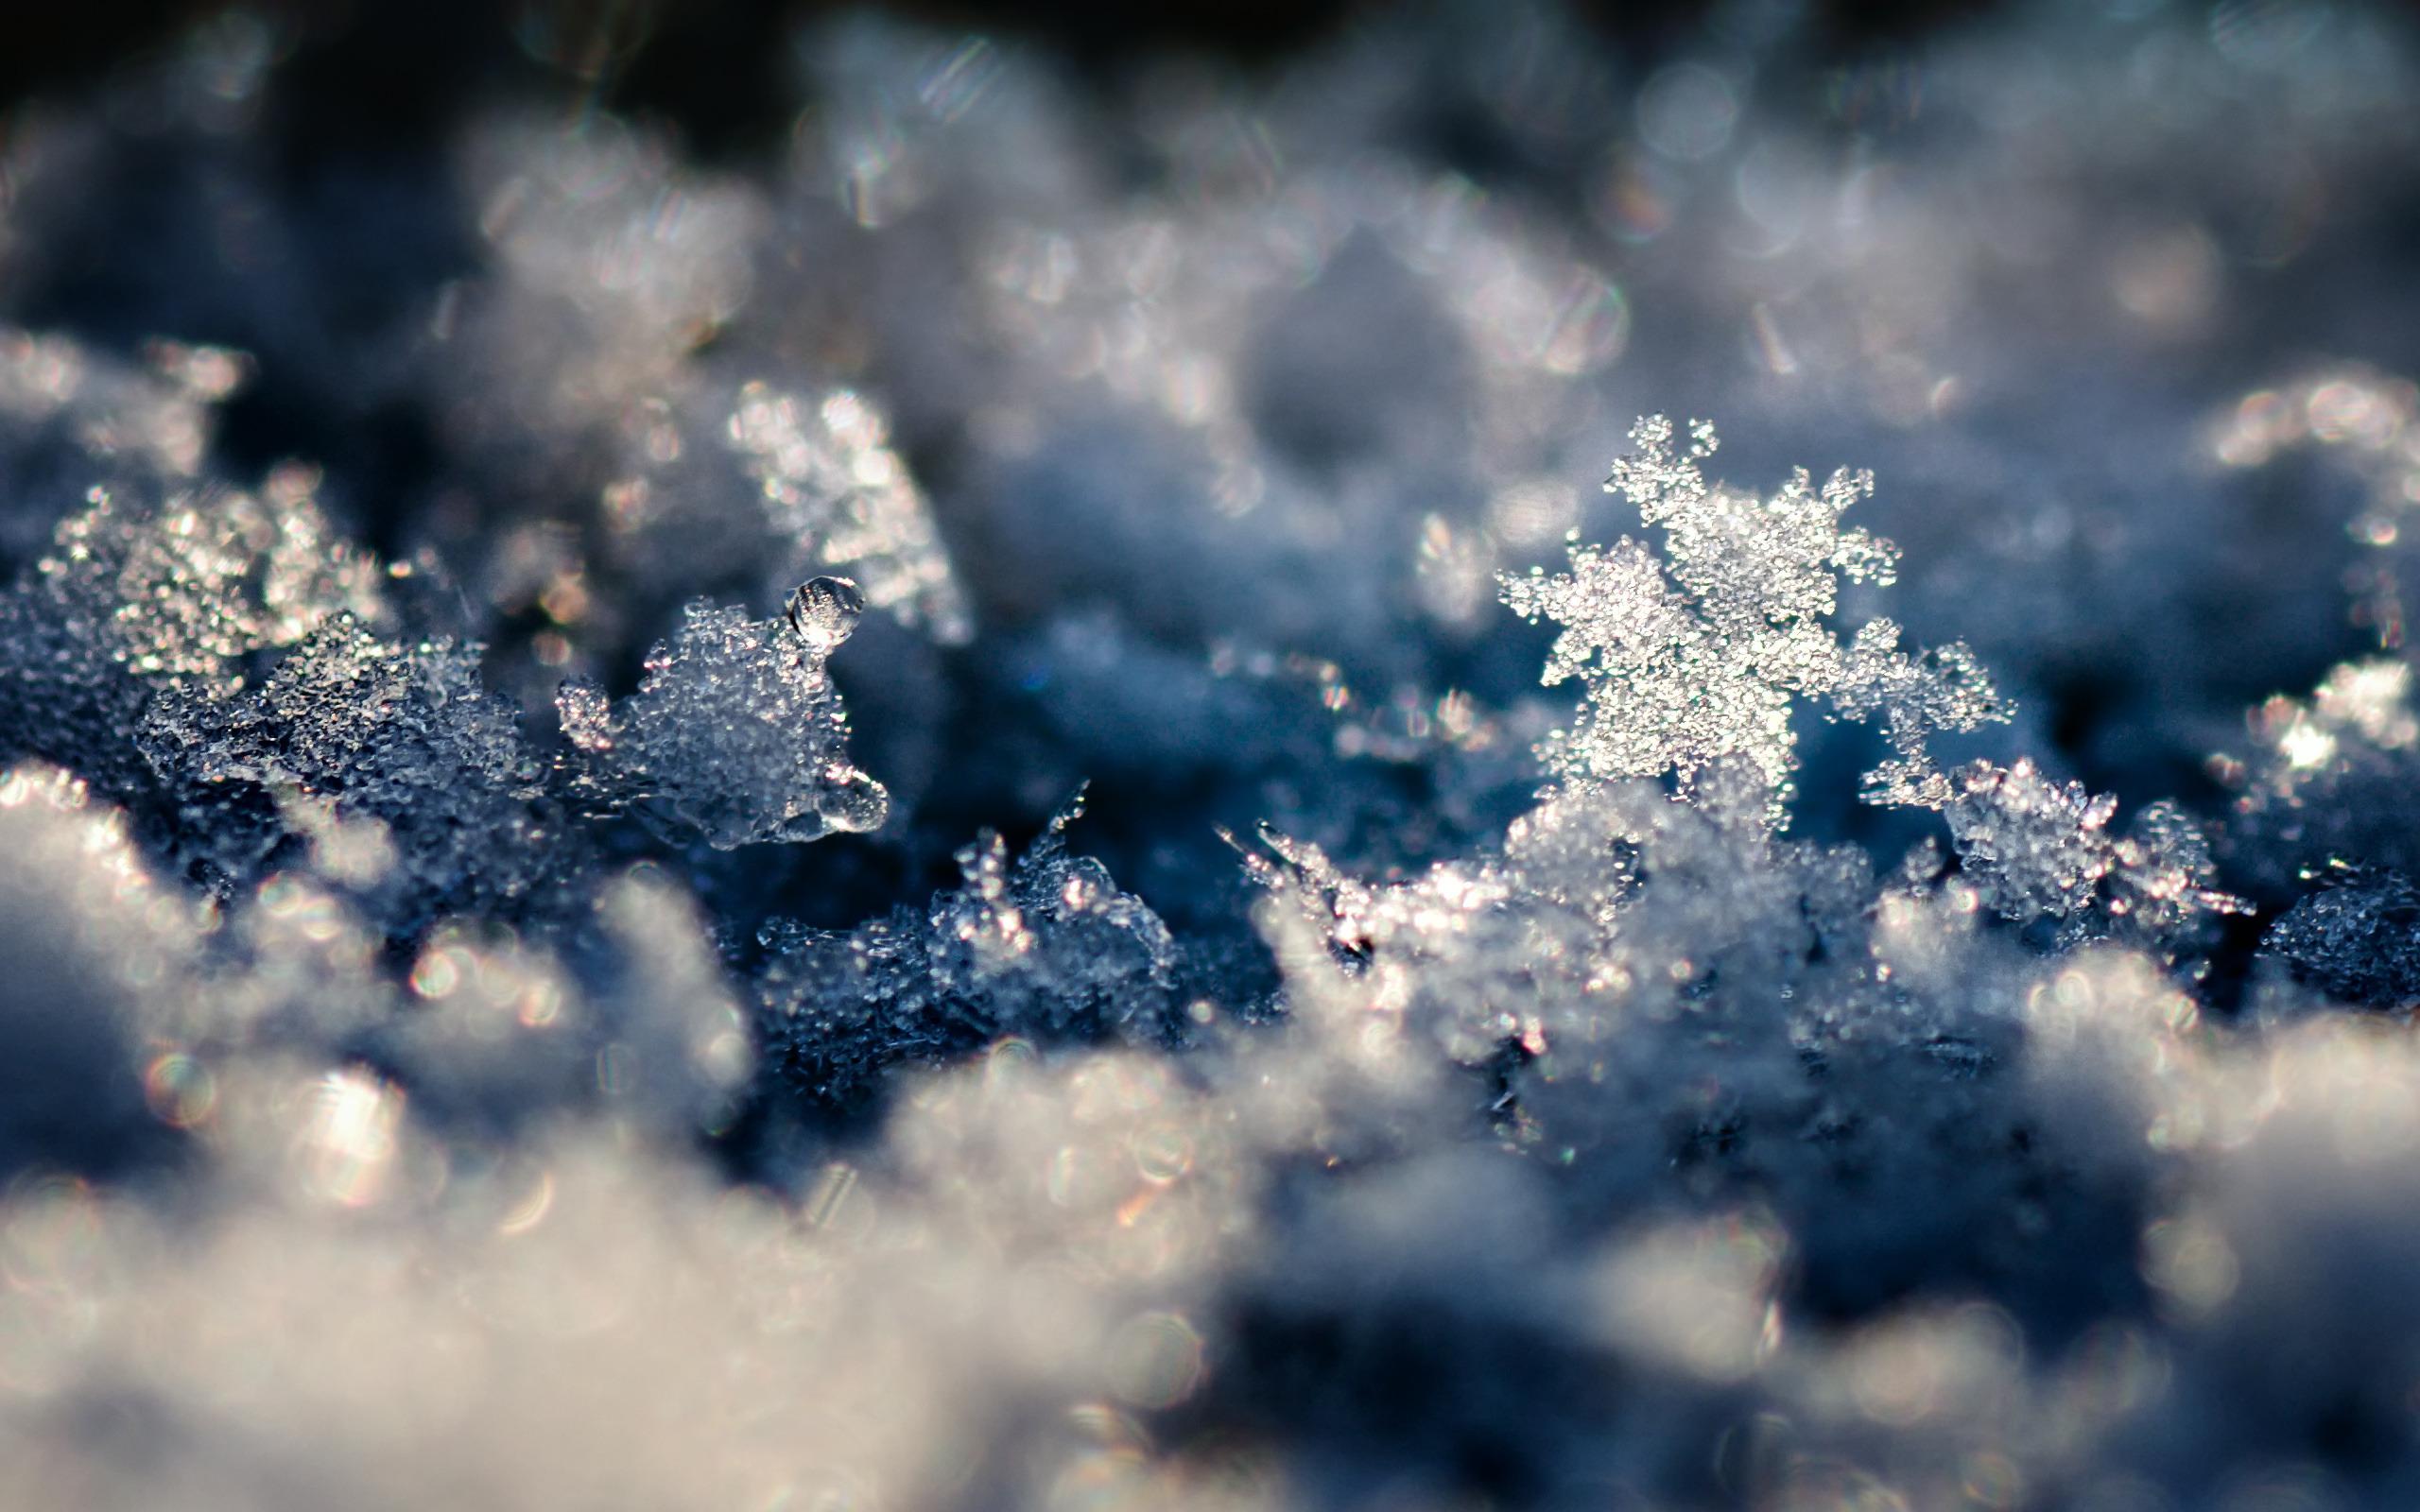 лицо фото на телефон снег гифка красные